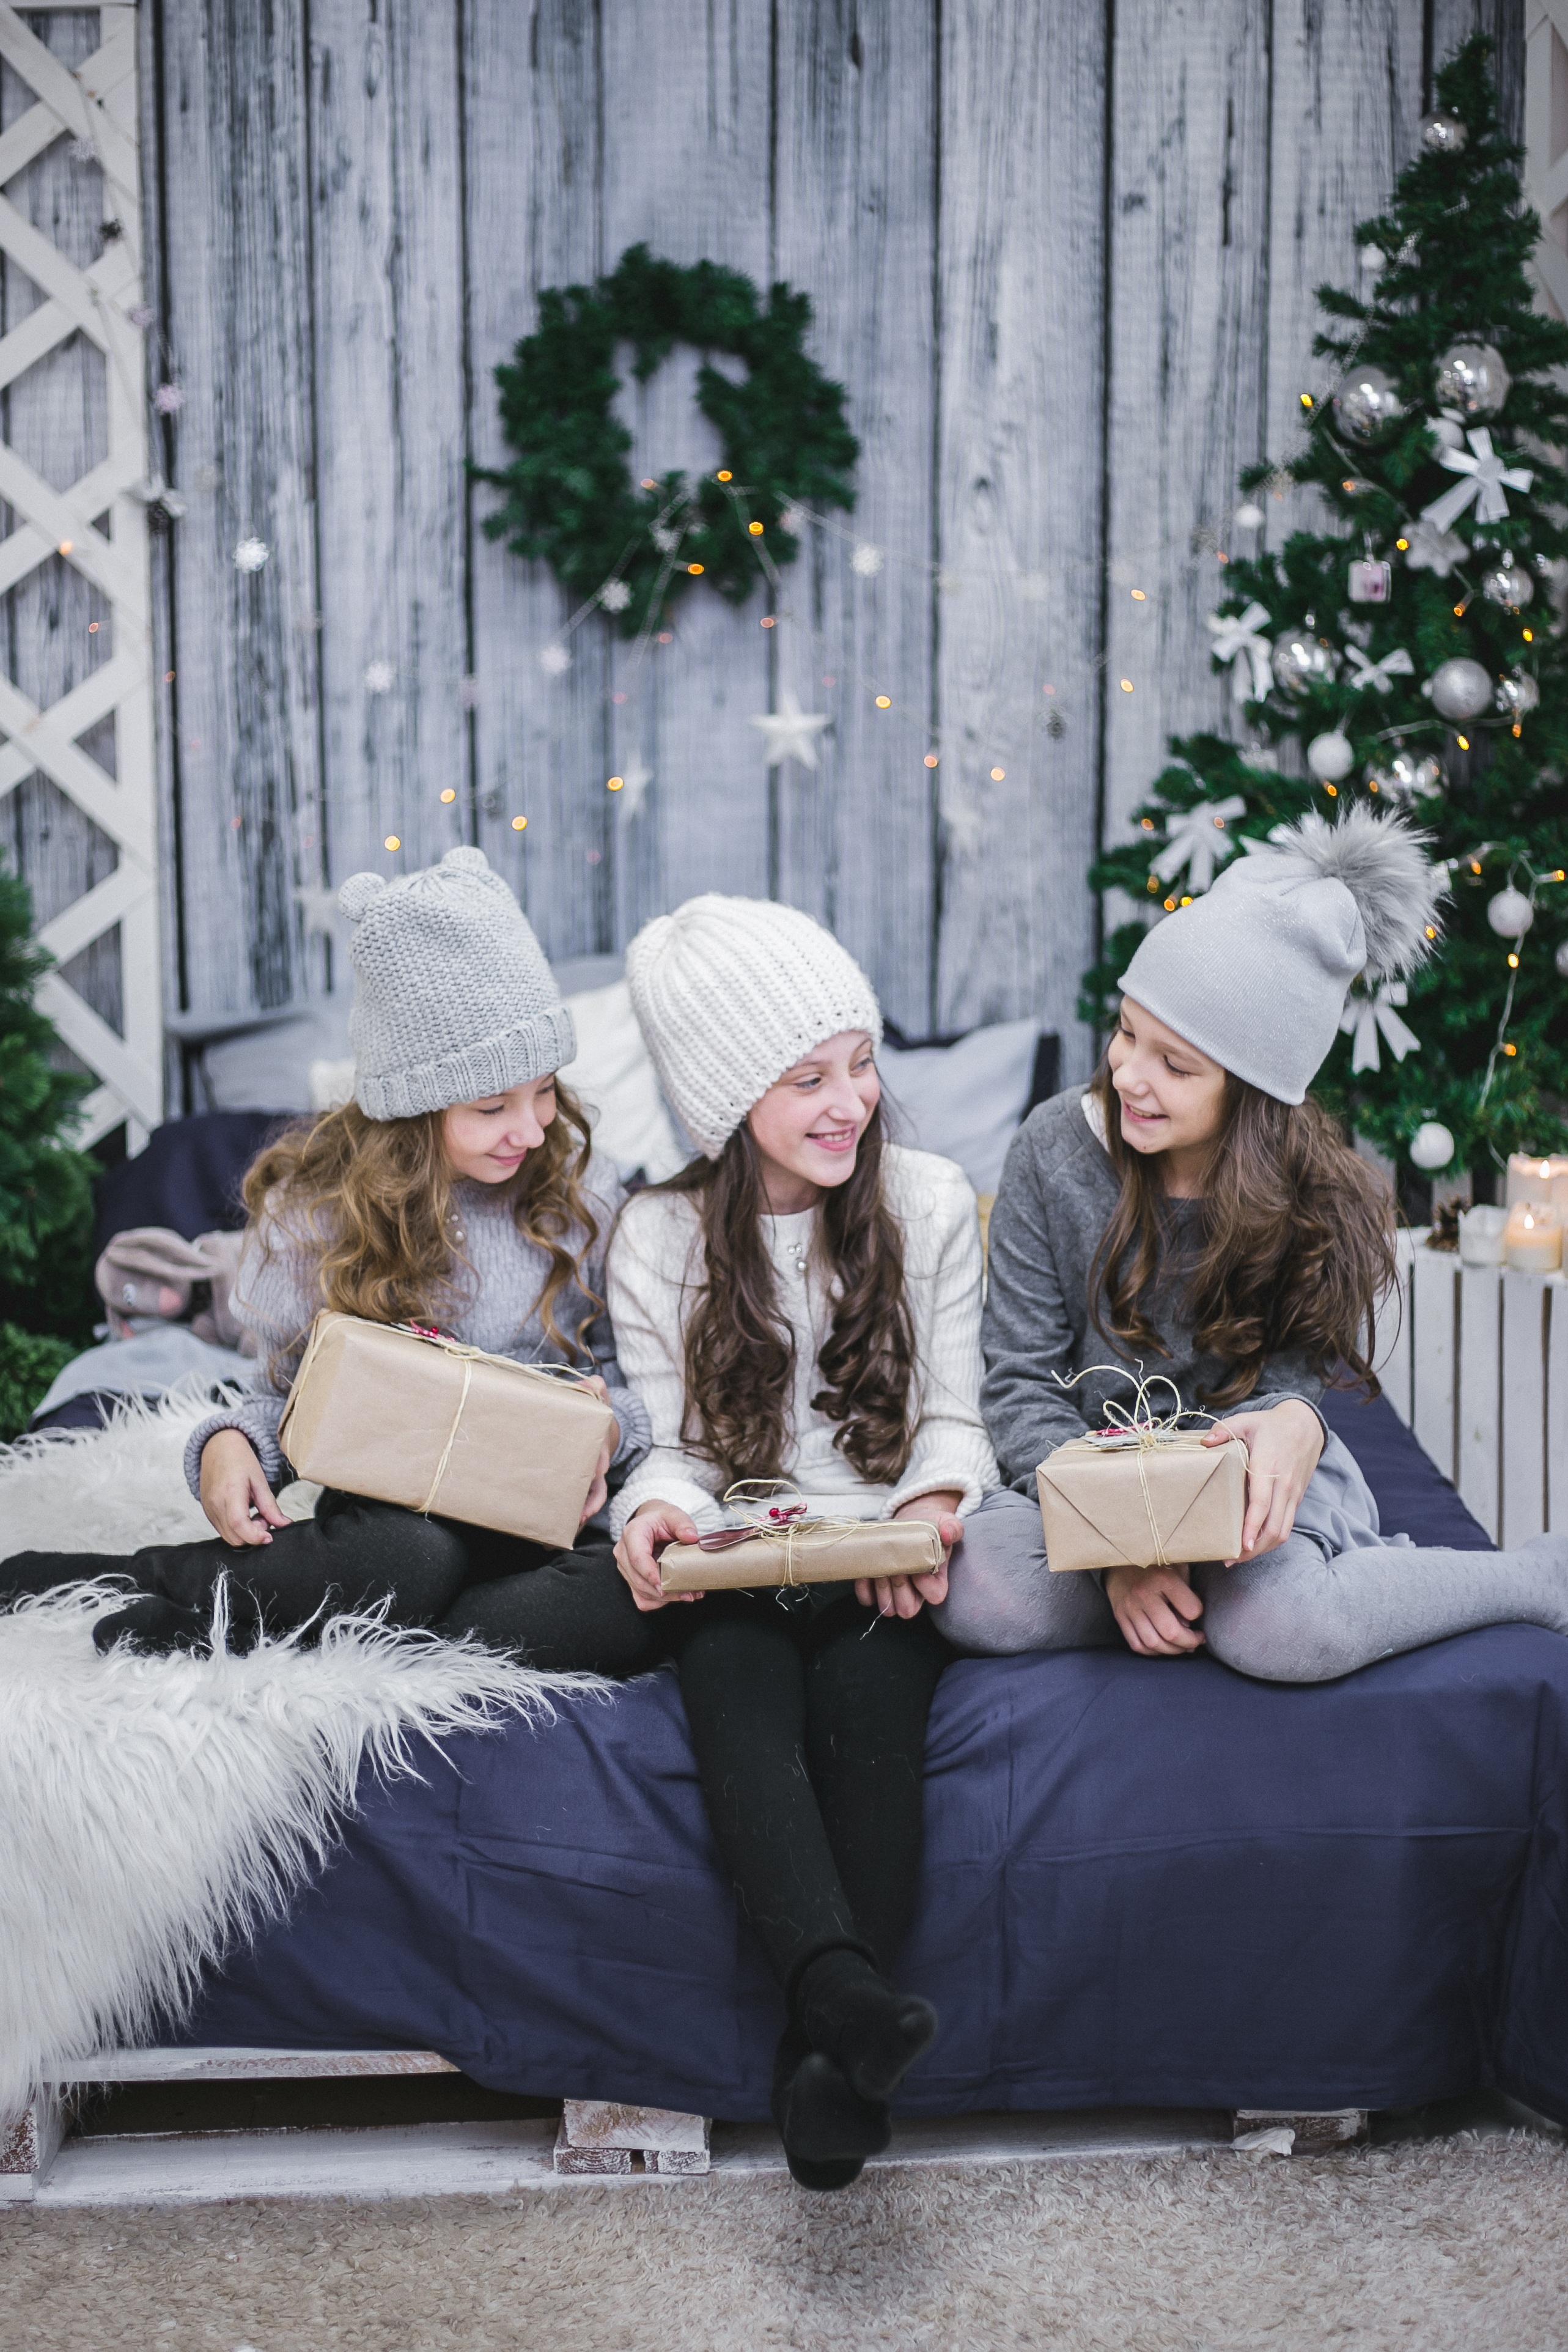 Weihnachtswünsche Jugendliche.Kindern Weihnachtswünsche Nicht Erfüllen Können Das Online Magazin